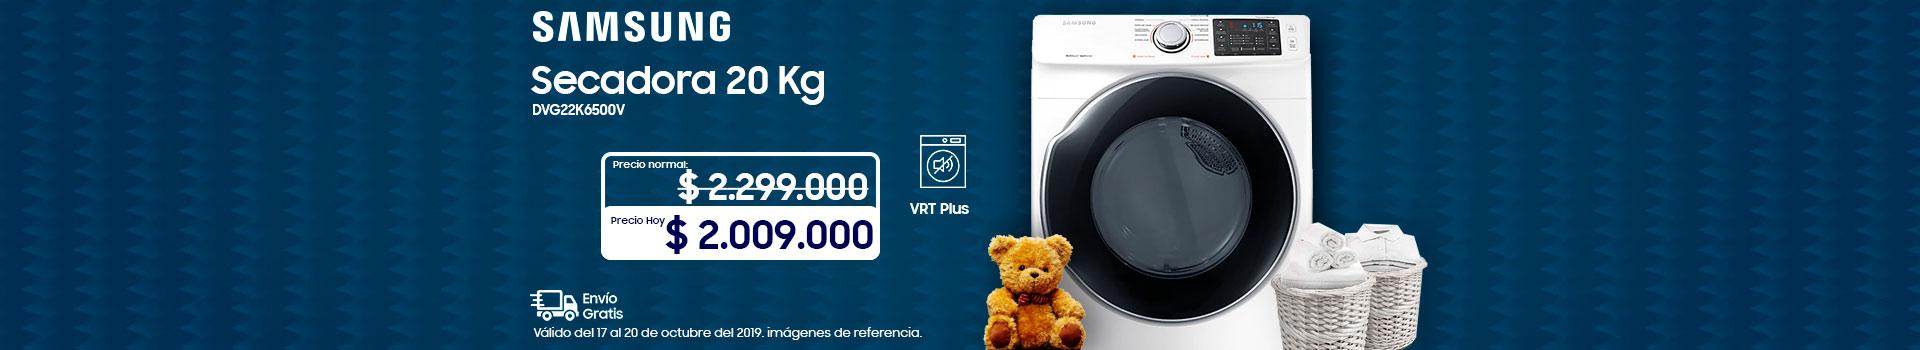 Categoria-DVG20M5500W-8806088921877-17-al-20-Octubre-Samsung